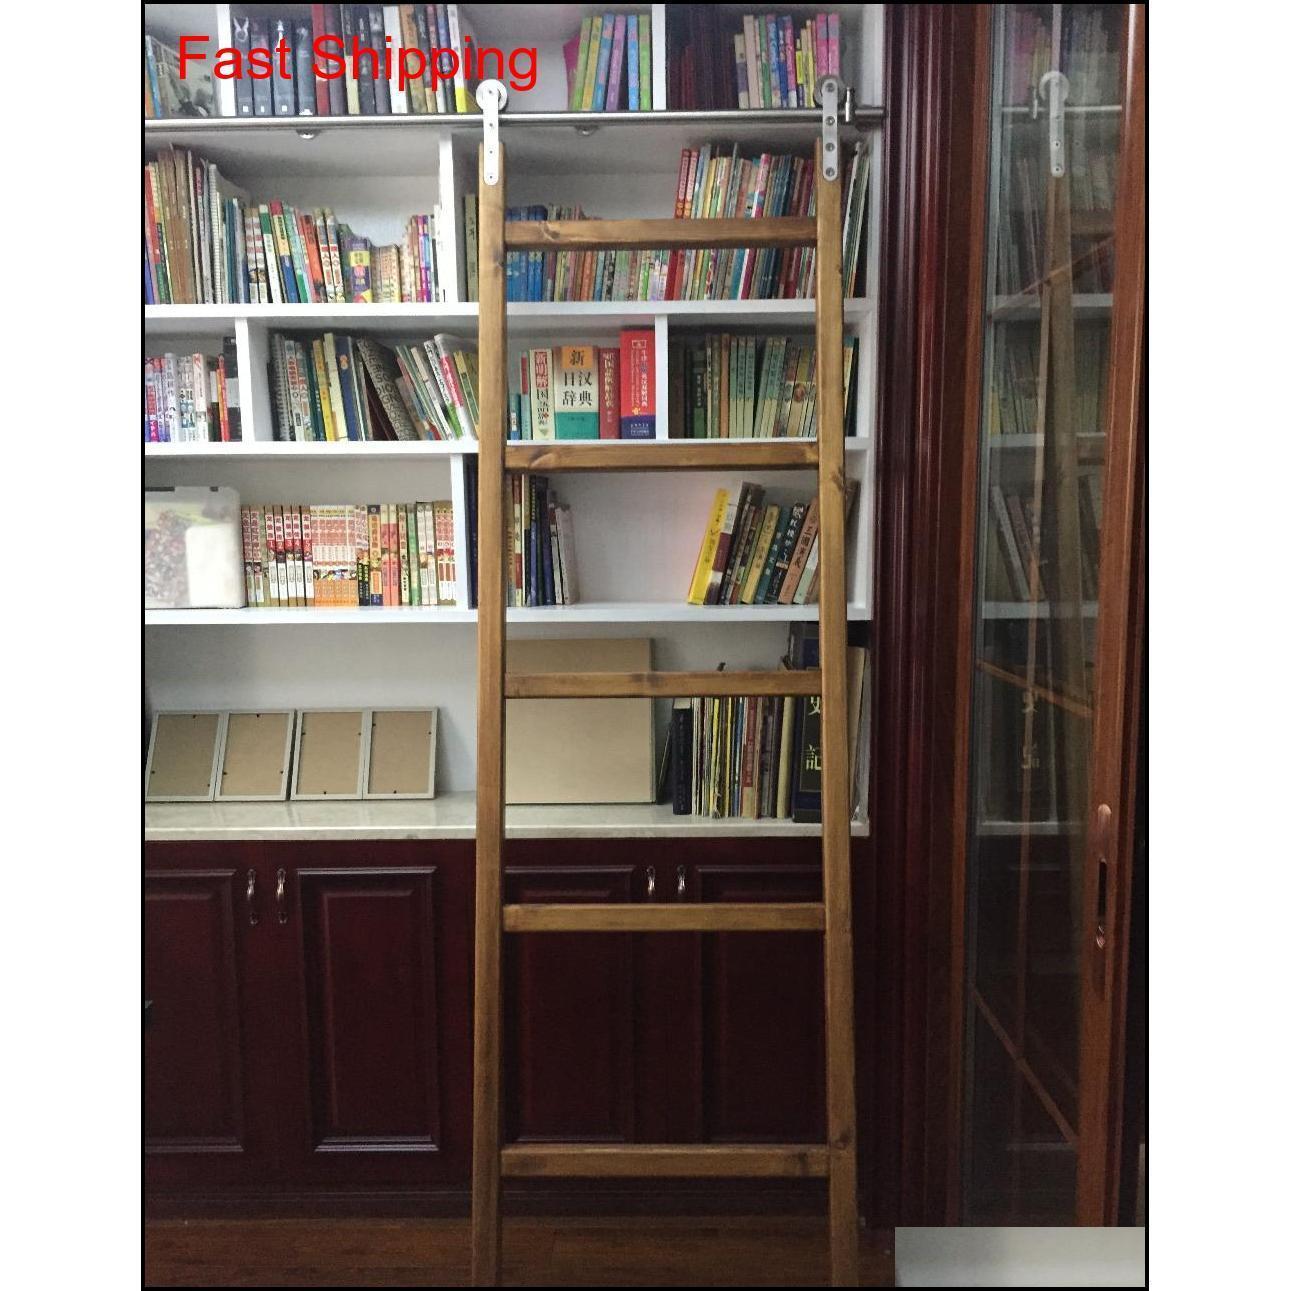 الفولاذ المقاوم للصدأ انزلاق مكتبة مكتبة الأجهزة انزلاق حظيرة سلم مكتبة سلم هاردو qyltyj dh_seller2010